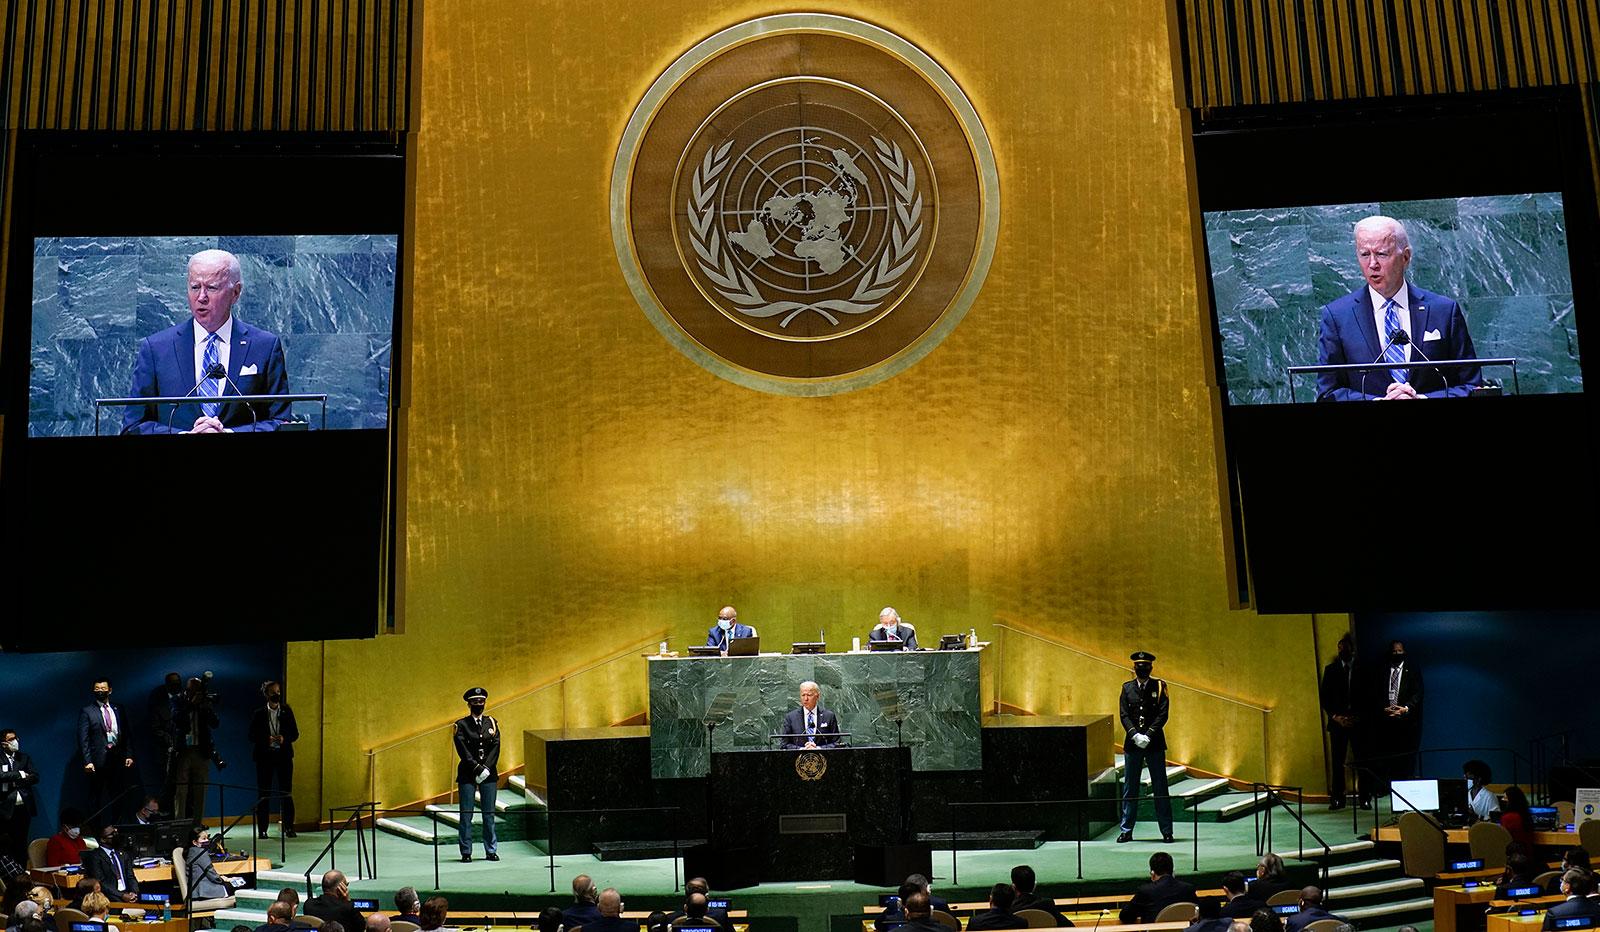 President Joe Biden addresses the United Nations General Assembly on September 21.